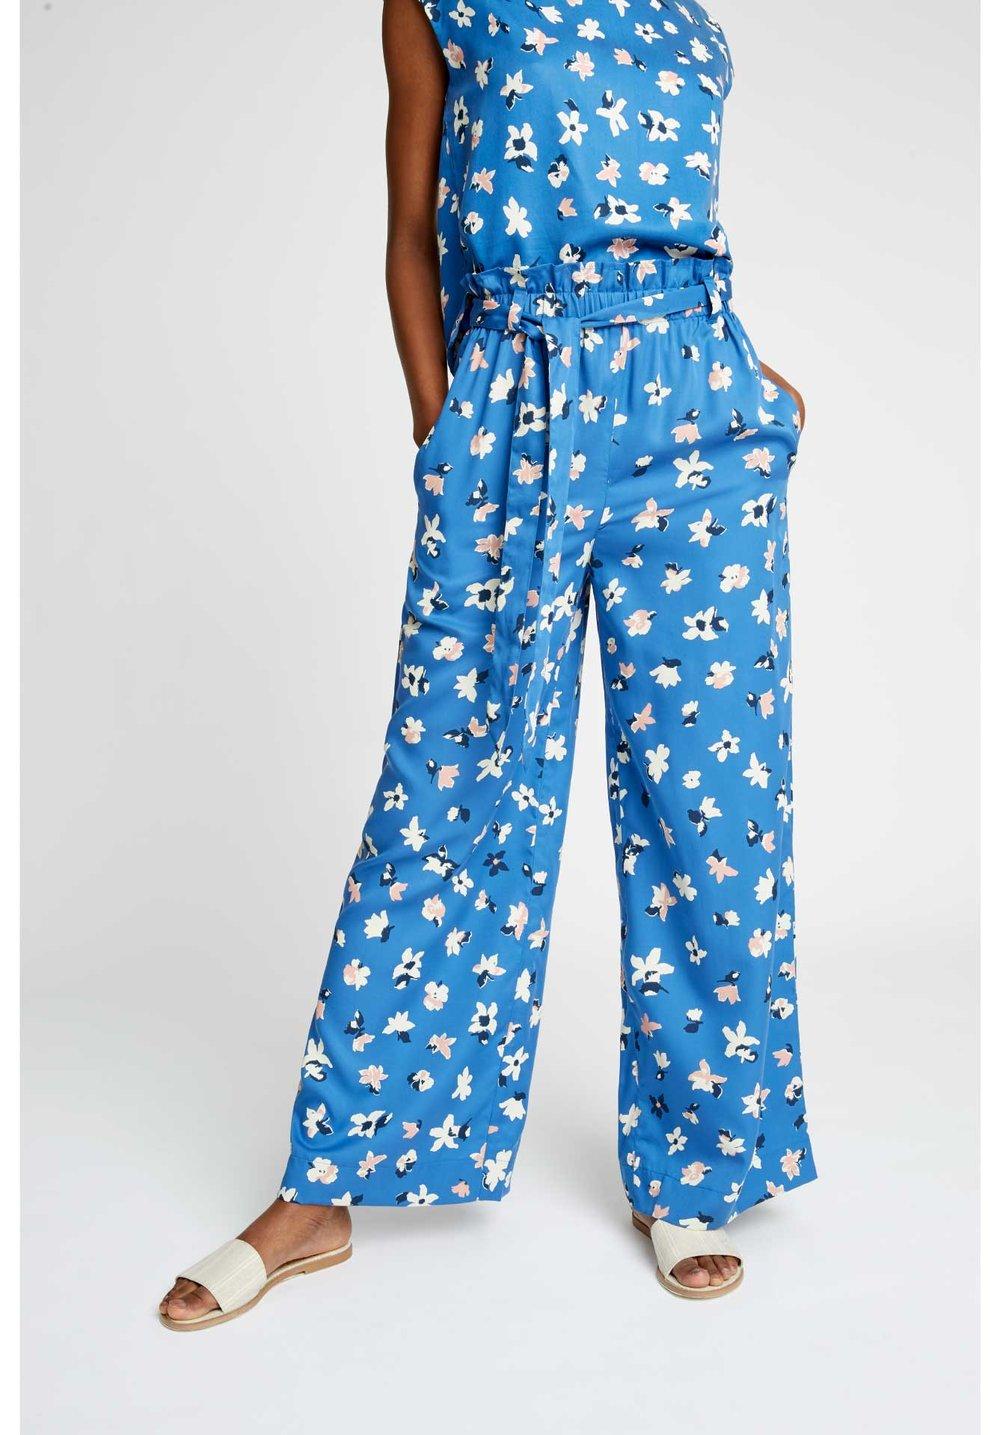 susie-floral-trousers-deb2c4d73940.jpg